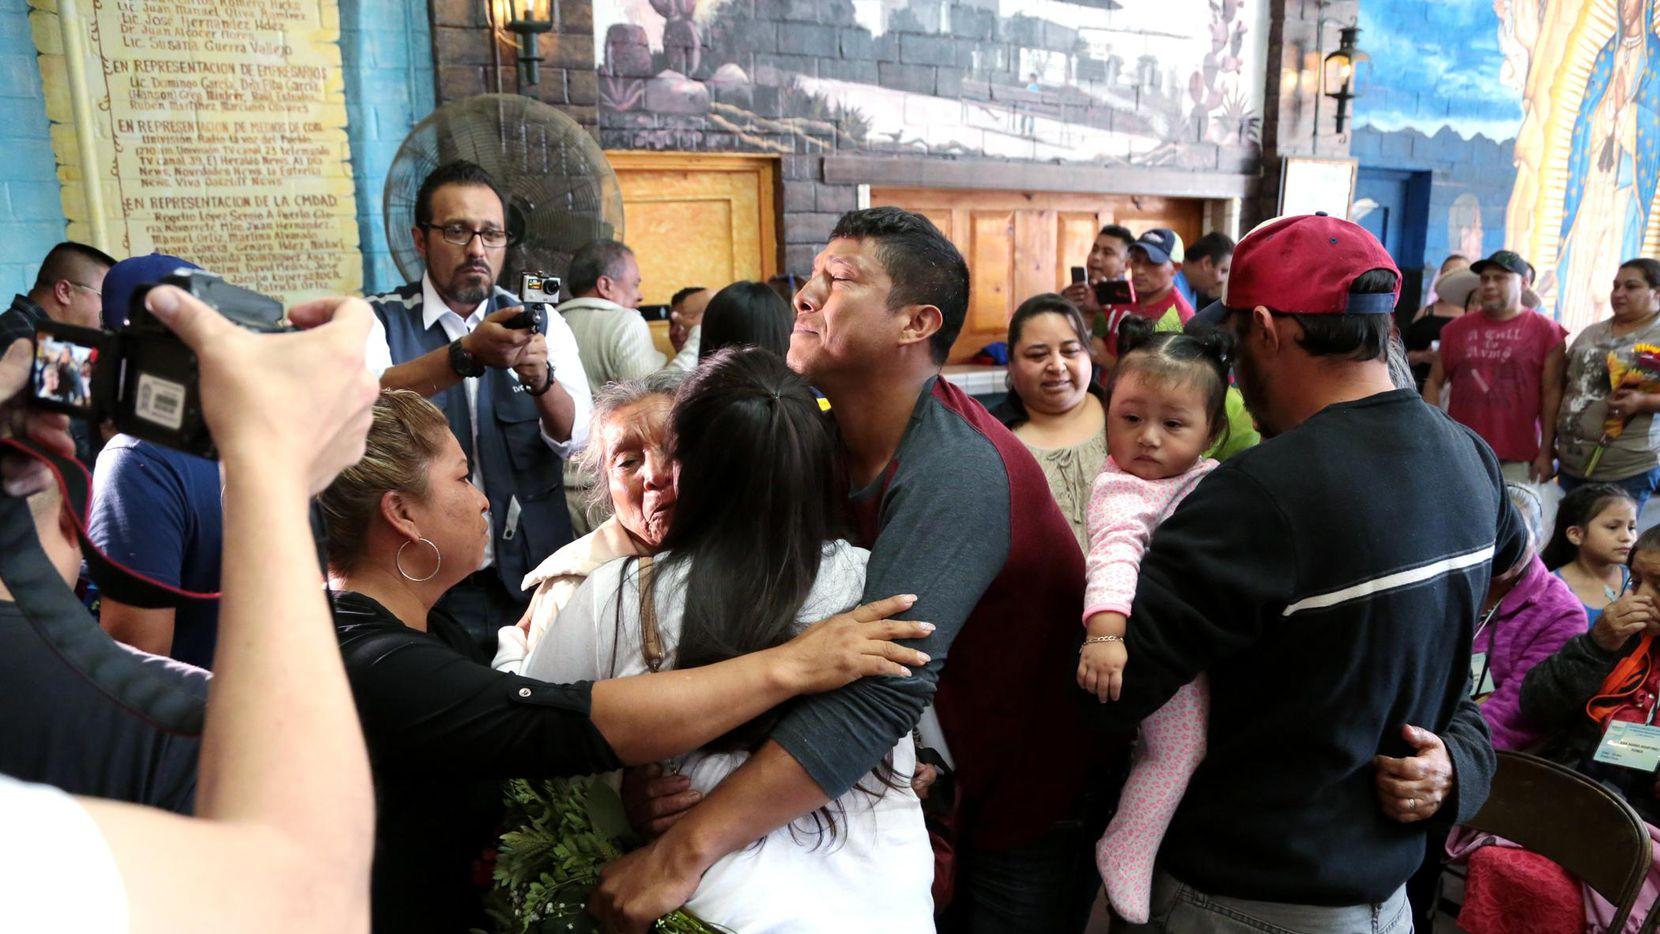 Foto: MARÍA OLIVAS/AL DÍA